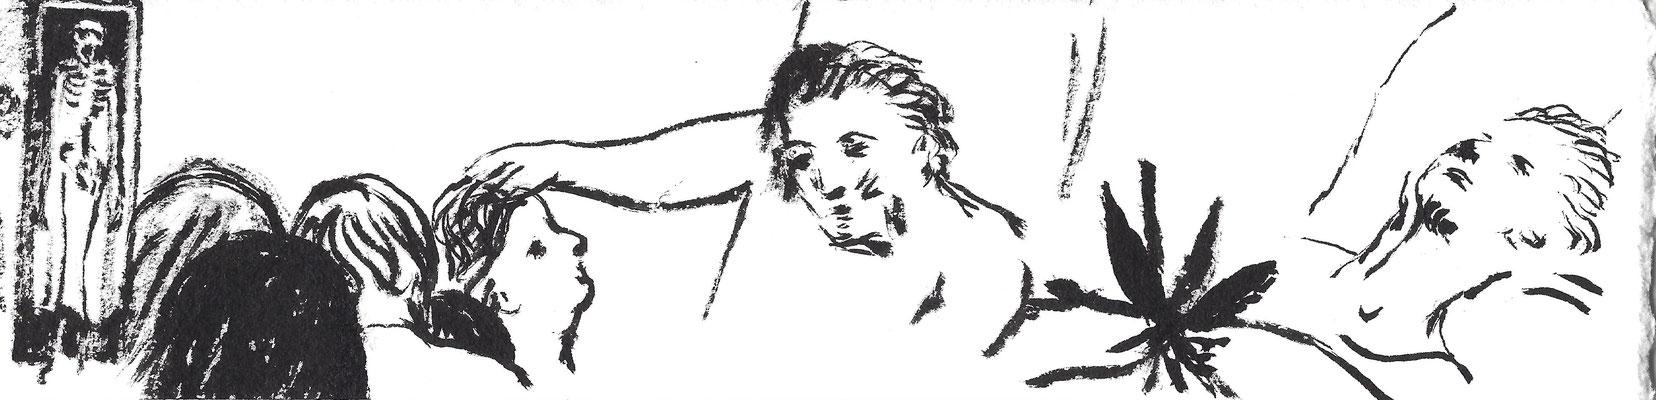 Streifen 5, Bild 20